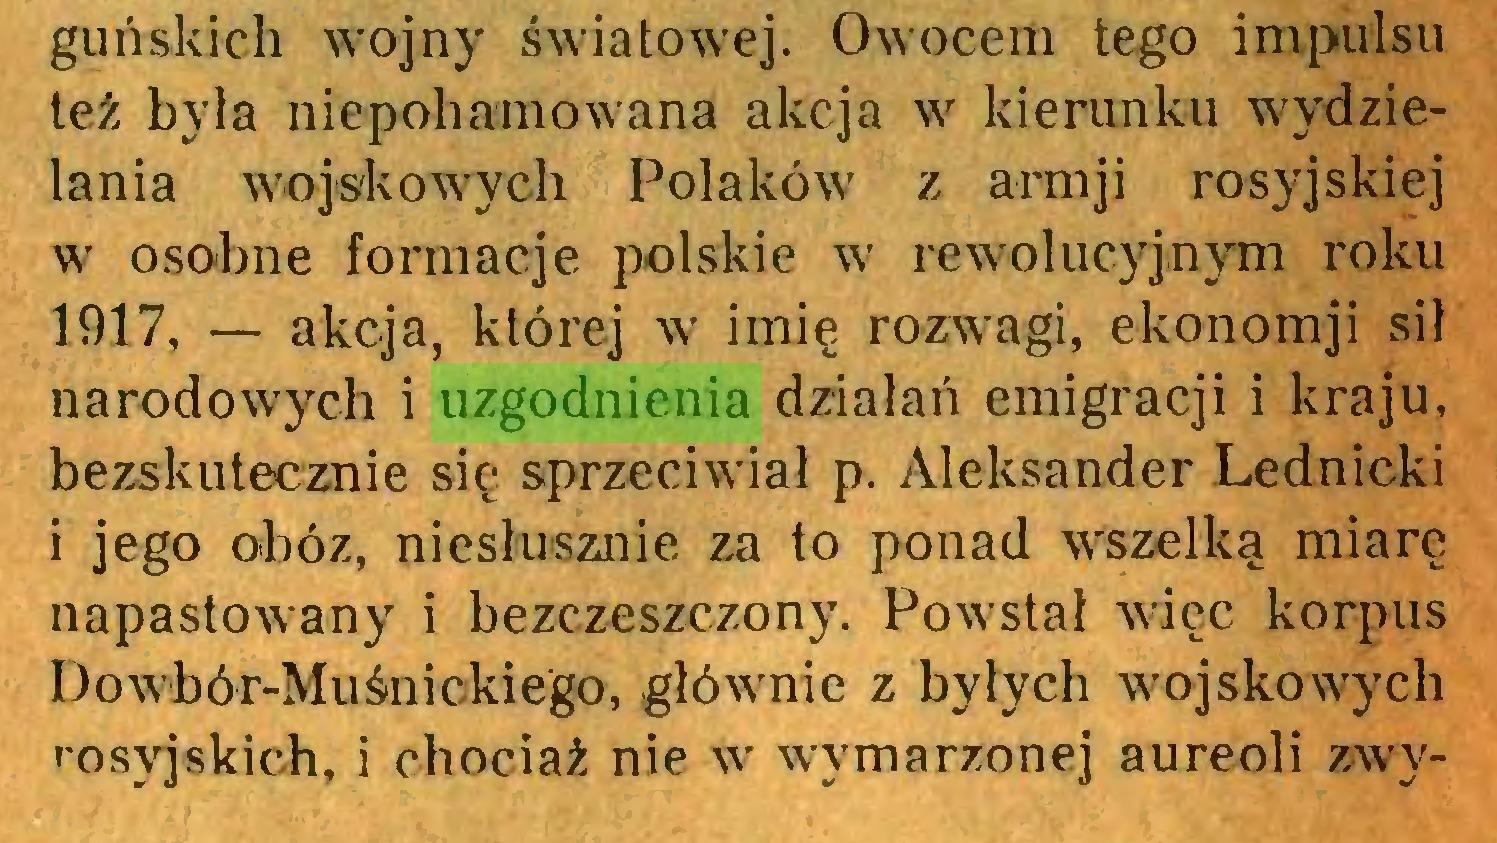 (...) guńskich wojny światowej. Owocem tego impulsu też była niepohamowana akcja w kierunku wydzielania wojskowych Polaków z armji rosyjskiej w osobne formacje polskie w rewolucyjnym roku 1917, — akcja, której w imię rozwagi, ekonomji sił narodowych i uzgodnienia działań emigracji i kraju, bezskutecznie się sprzeciwiał p. Aleksander Lednicki i jego obóz, niesłusznie za to ponad wszelką miarę napastowany i bezczeszczony. Powstał wiec korpus Dowbór-Muśnickiego, głównie z byłych wojskowych rosyjskich, i chociaż nie w wymarzonej aureoli zwy...